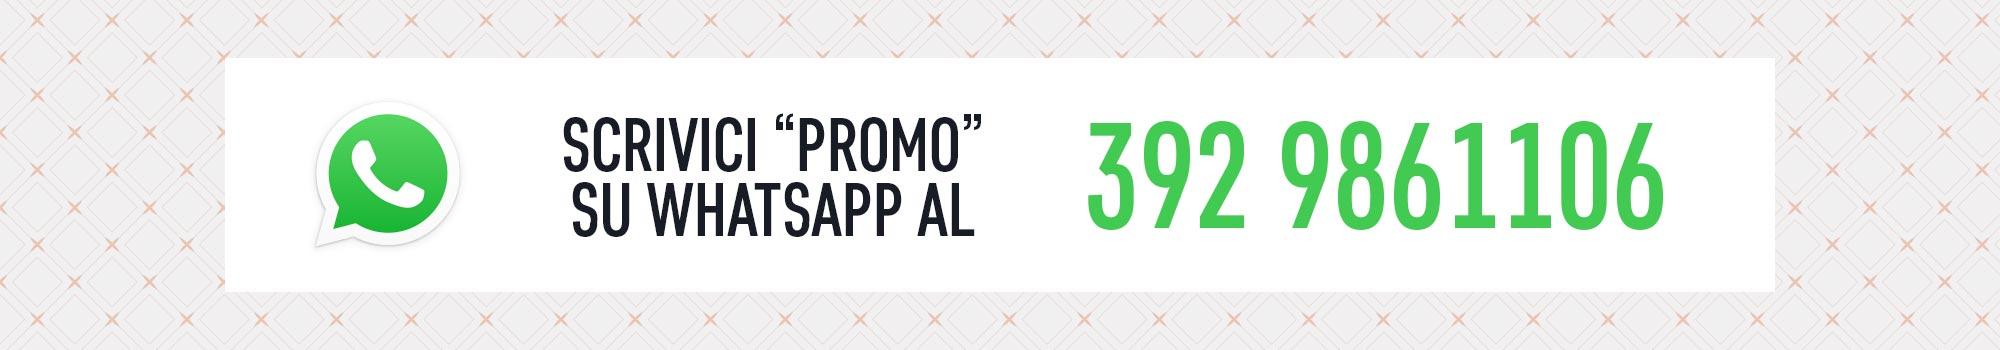 Whatsapp sconti e promozioni di Semprefarmacia.it